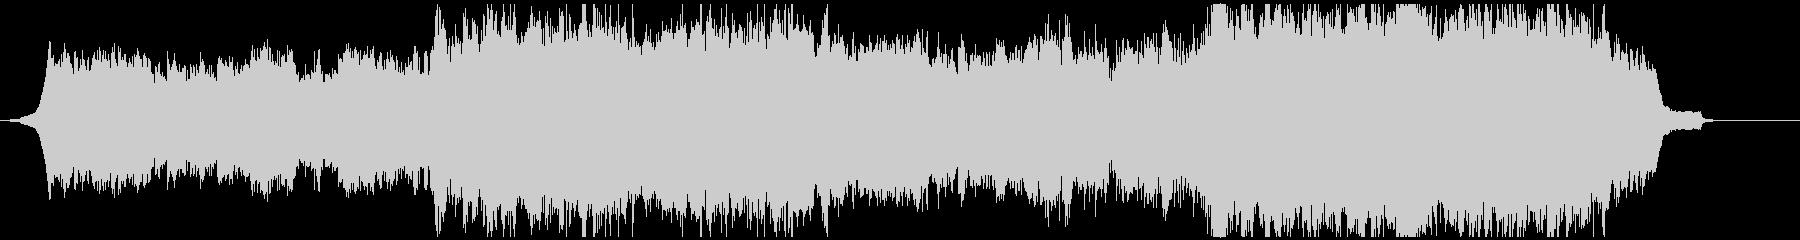 ピアノとストリングスのシネマティックな曲の未再生の波形